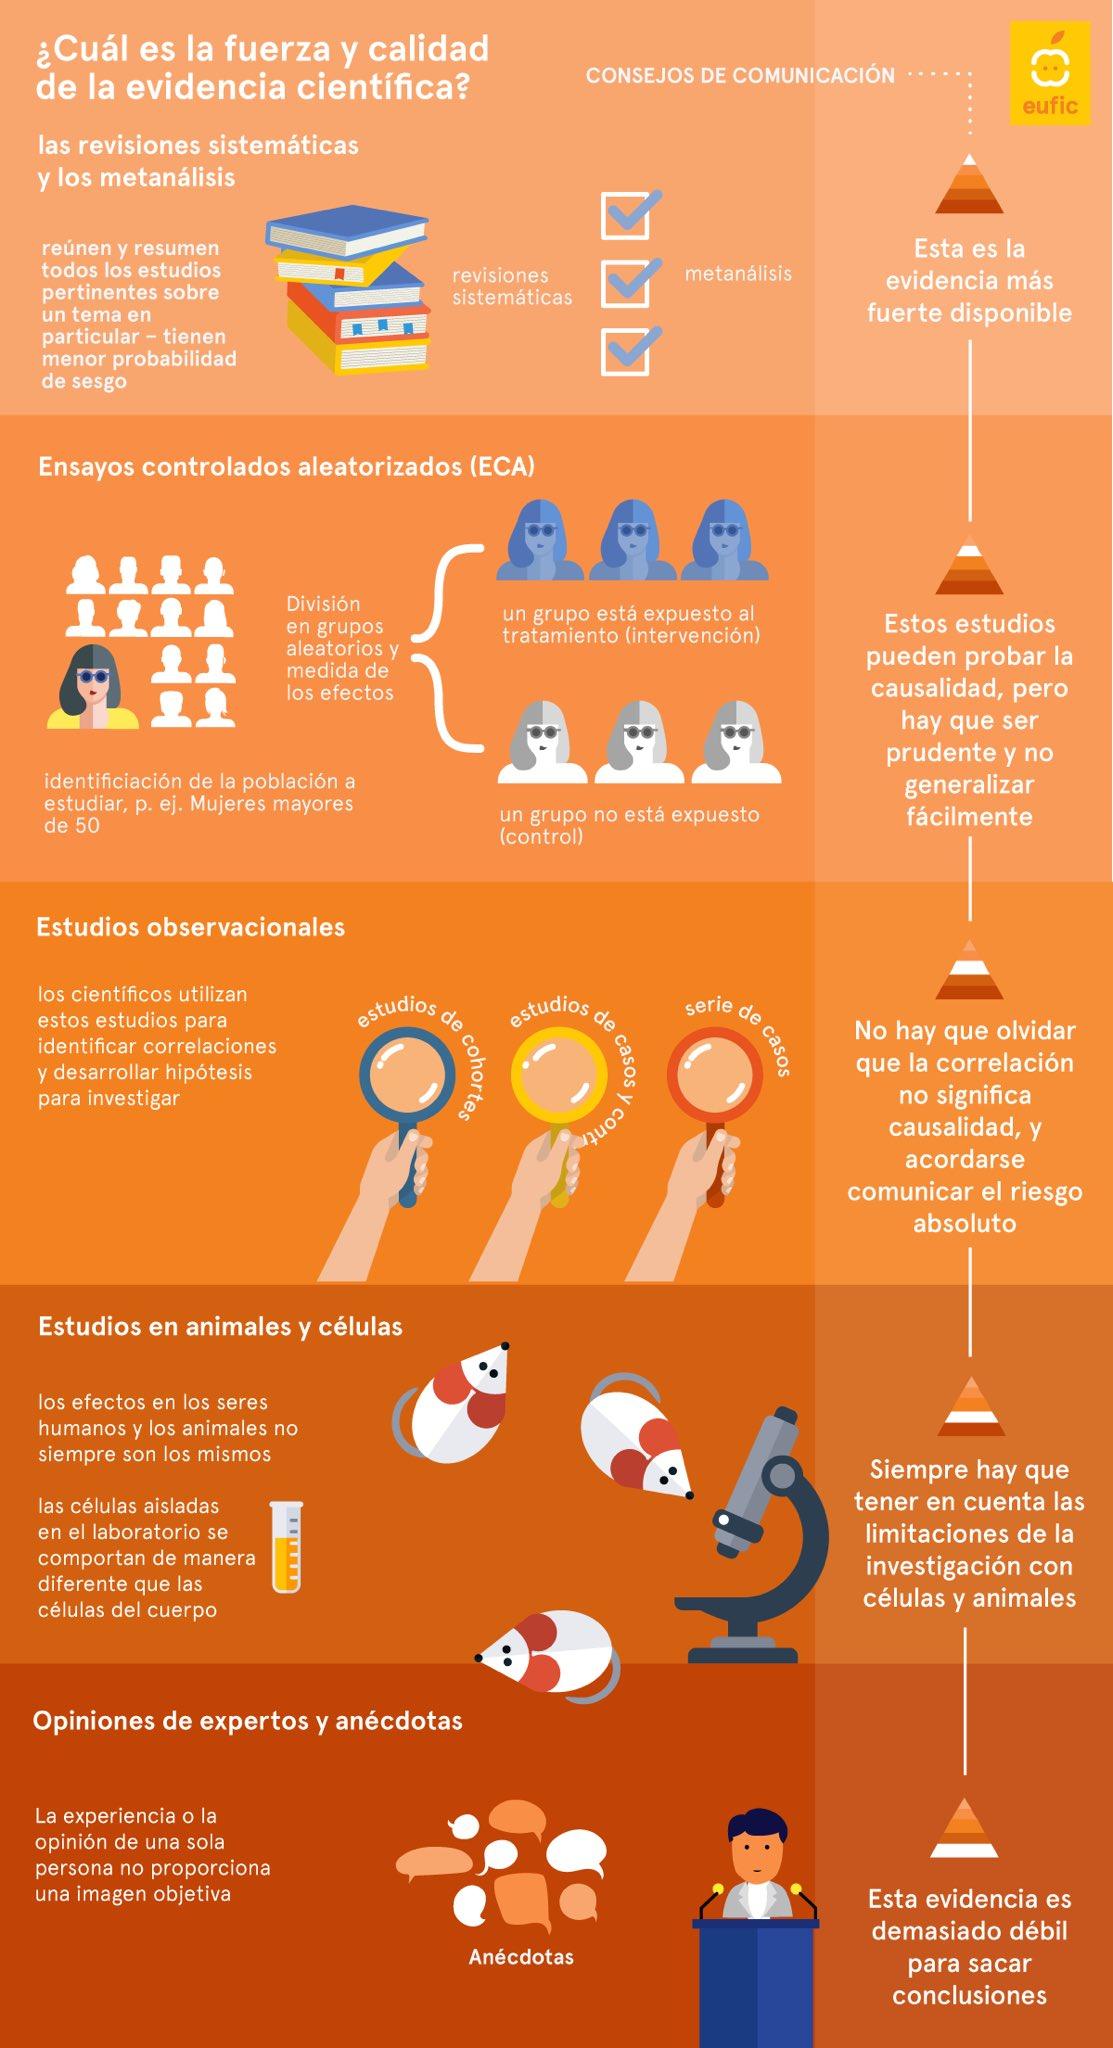 Niveles de evidencia científica. Pues no, la opinión de tu cuñado no sale... Genial infografía de @EUFIC   👌 https://t.co/xxj5HBrwRz